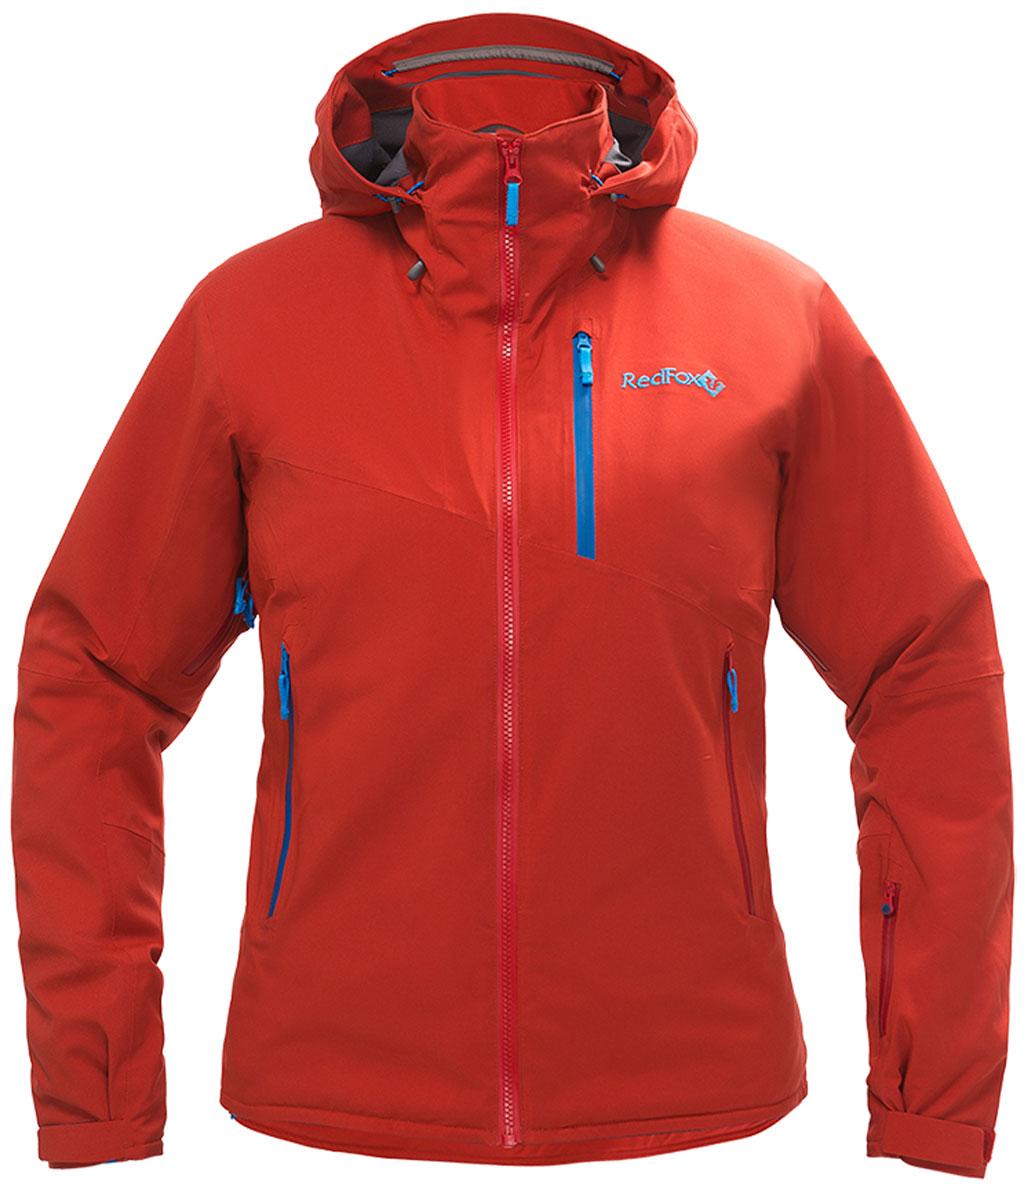 Куртка женская Red Fox, цвет: темно-красный. 1051610. Размер L (50)1051610В моделях Voltage используется эксклюзивный утеплитель Thinsulate®FX70, который выполнен из эластичного синтетического волокна и ламинирован с ультралёгкой трикотажной подкладкой, что позволяет использовать меньшее количество слоев одежды. Изделия обладают свойствами климат-контроля, благодаря которым во время катания поддерживается оптимальная температура тела. Регулируемый в трех плоскостях капюшон с ламинированным козырьком совместим с каской. Центральная тракторная молния. Защита подбородка из микрофлиса. Вентиляция в подмышечной зоне на молнии со вставками из сетки. Односторонняя регулировка по низу изделия. Воротник-стойка продублирован микрофлисом. Снегозащитная юбка и нижняя часть подкладки куртки выполнены из влагостойкого материала. Эластичные внутренние манжеты с отверстием для большого пальца. Влагозащитные наружные молнии и проклеенные швы.